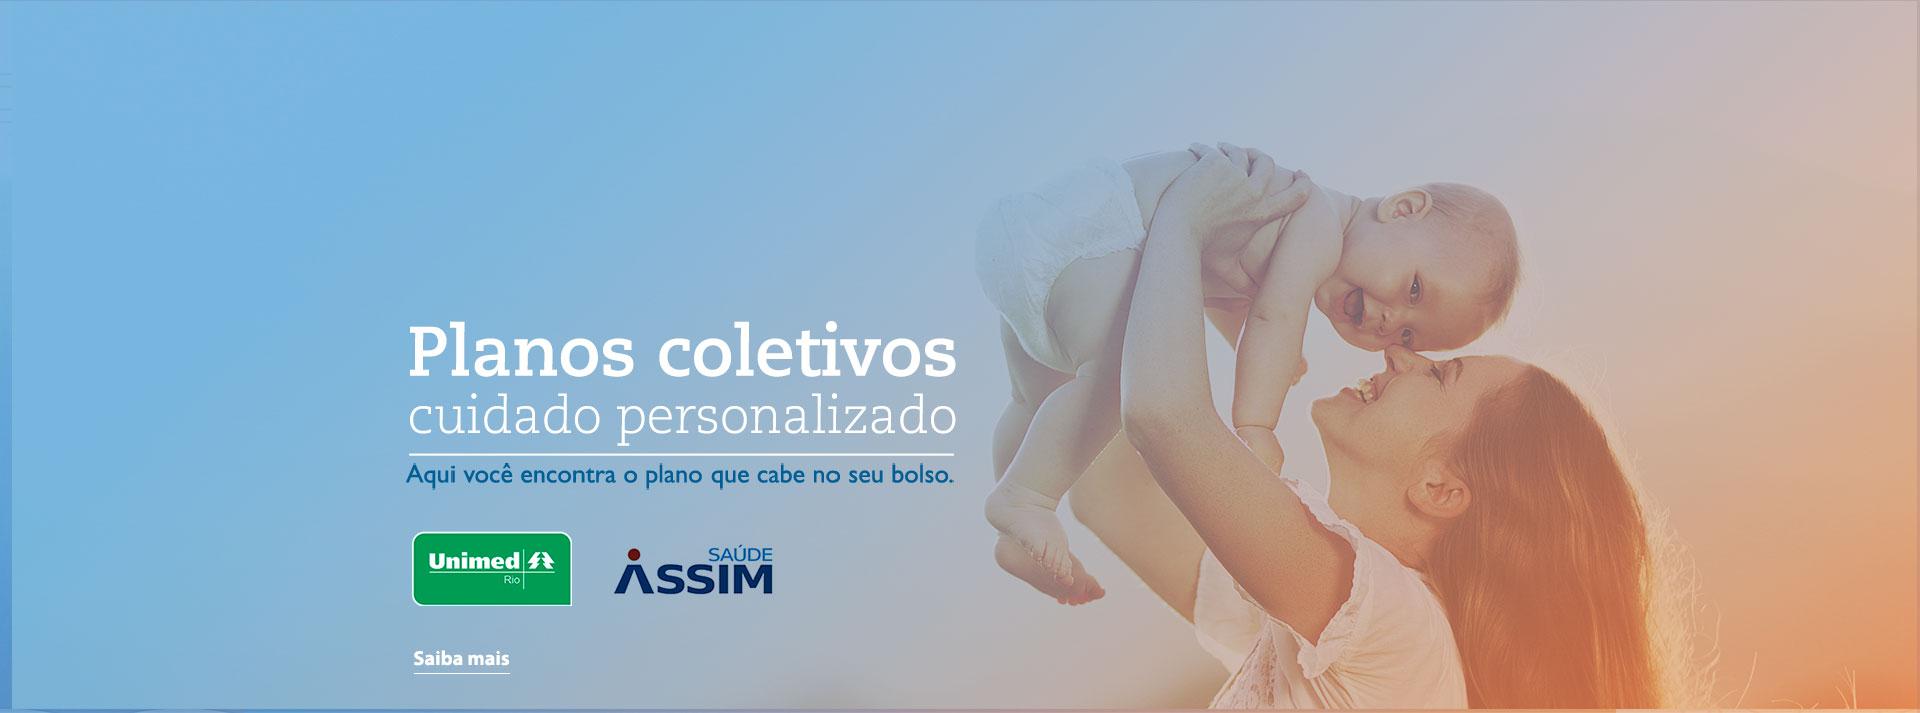 001-planos-coletivos-cuidados-personalizados